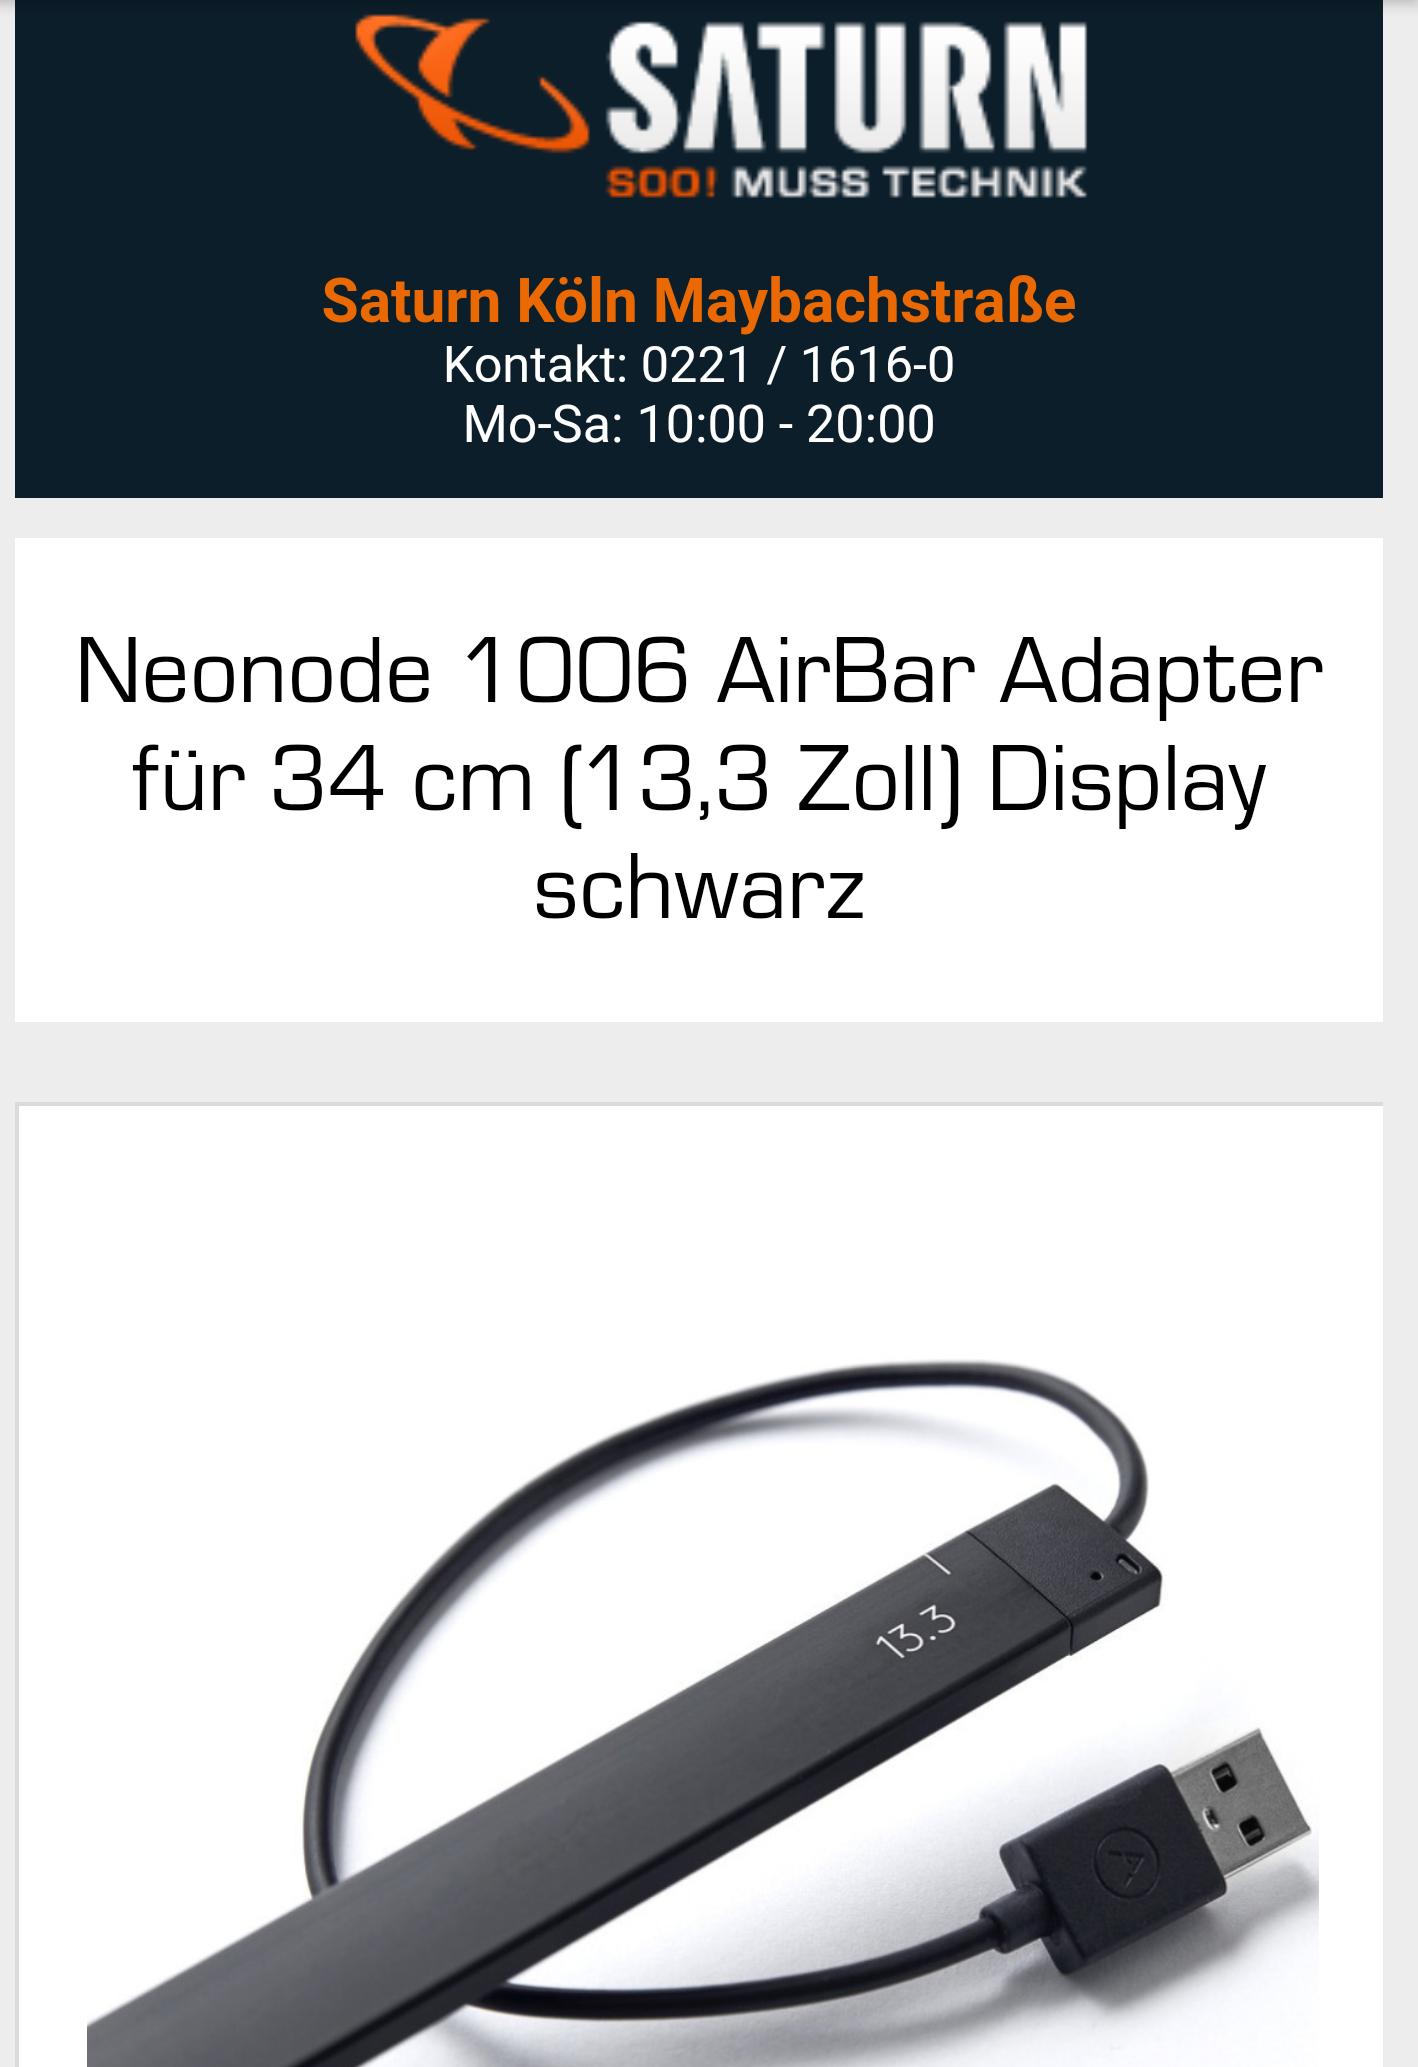 (Ebay) Neonode AirBar Adapter für 34 cm (13,3 Zoll) Display schwarz